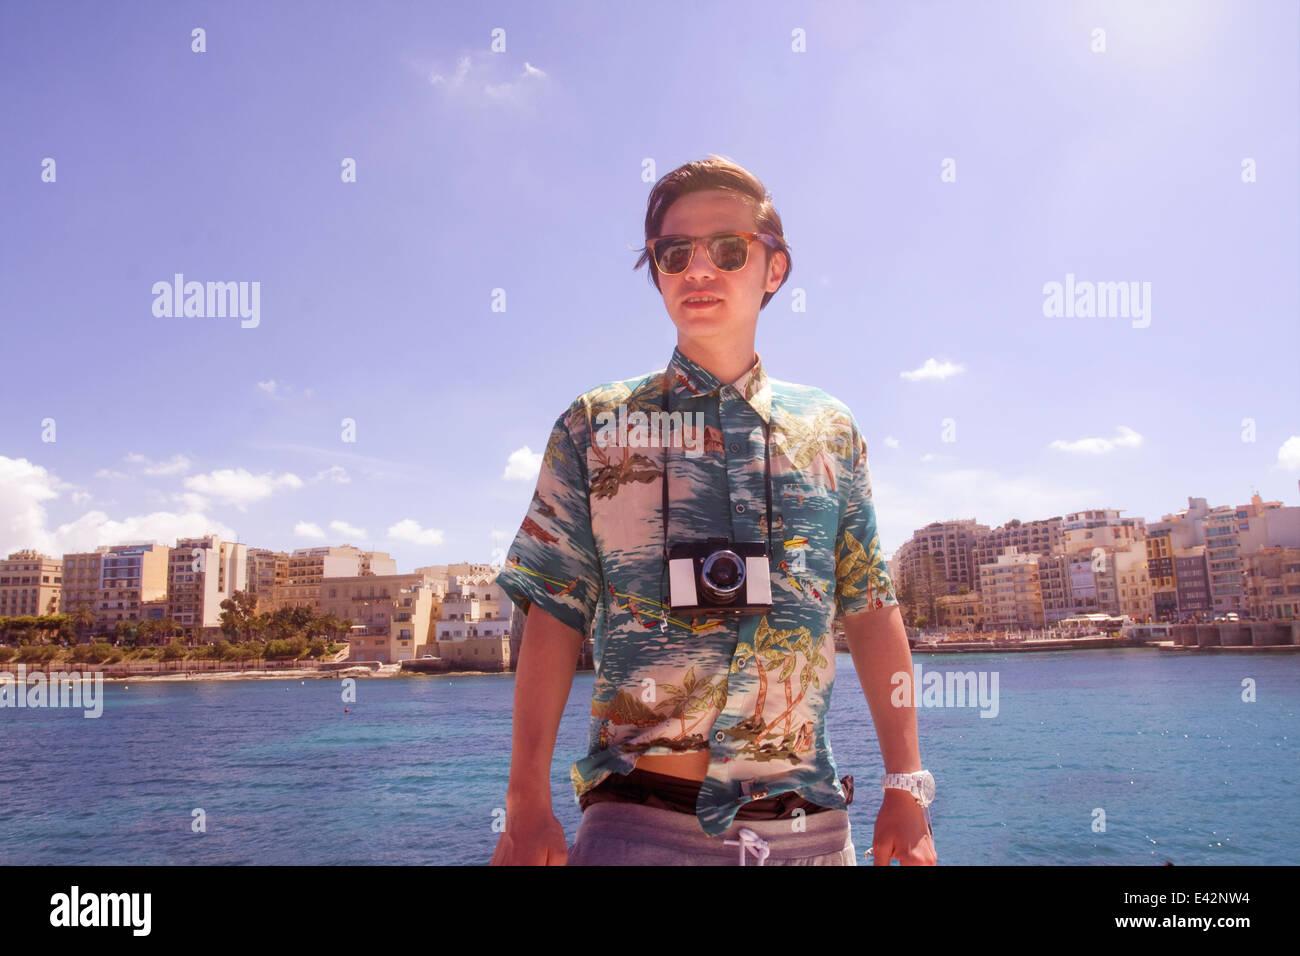 Portrait d'un homme avec un appareil photo, Ta' Xbiex harbour, Gzira, Malte Photo Stock